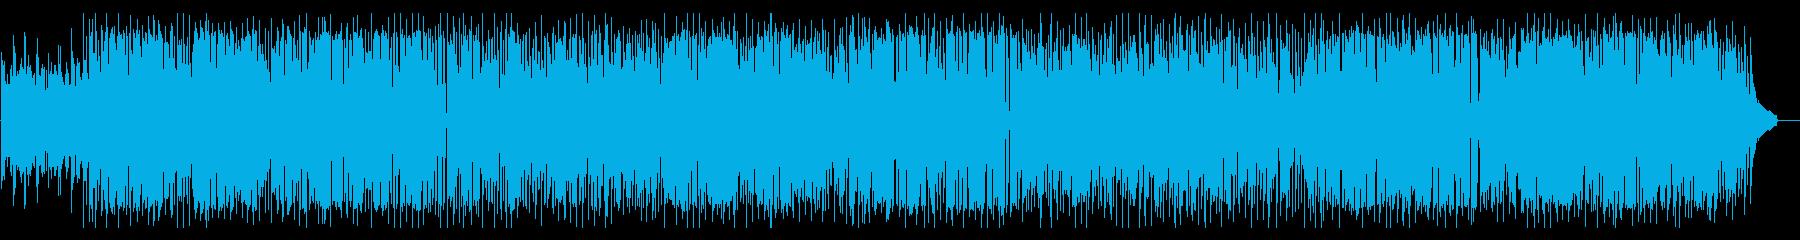 シンセとスキャットの軽快なスムースジャズの再生済みの波形